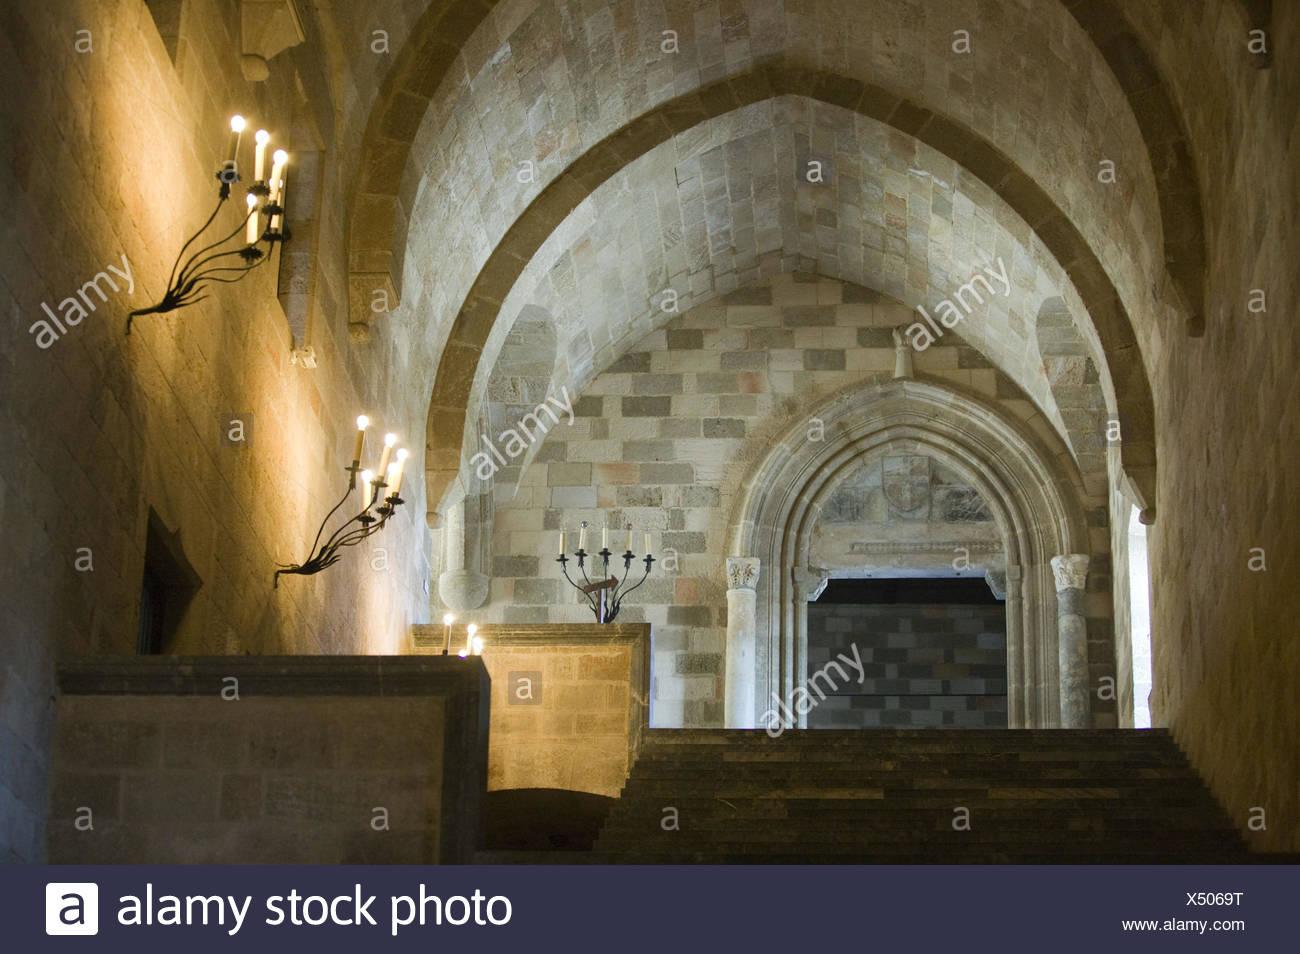 Griechenland, Rhodos, Rhodos-Stadt, Großmeisterpalast, Innen, Bande, Gewölbe, Stockbild